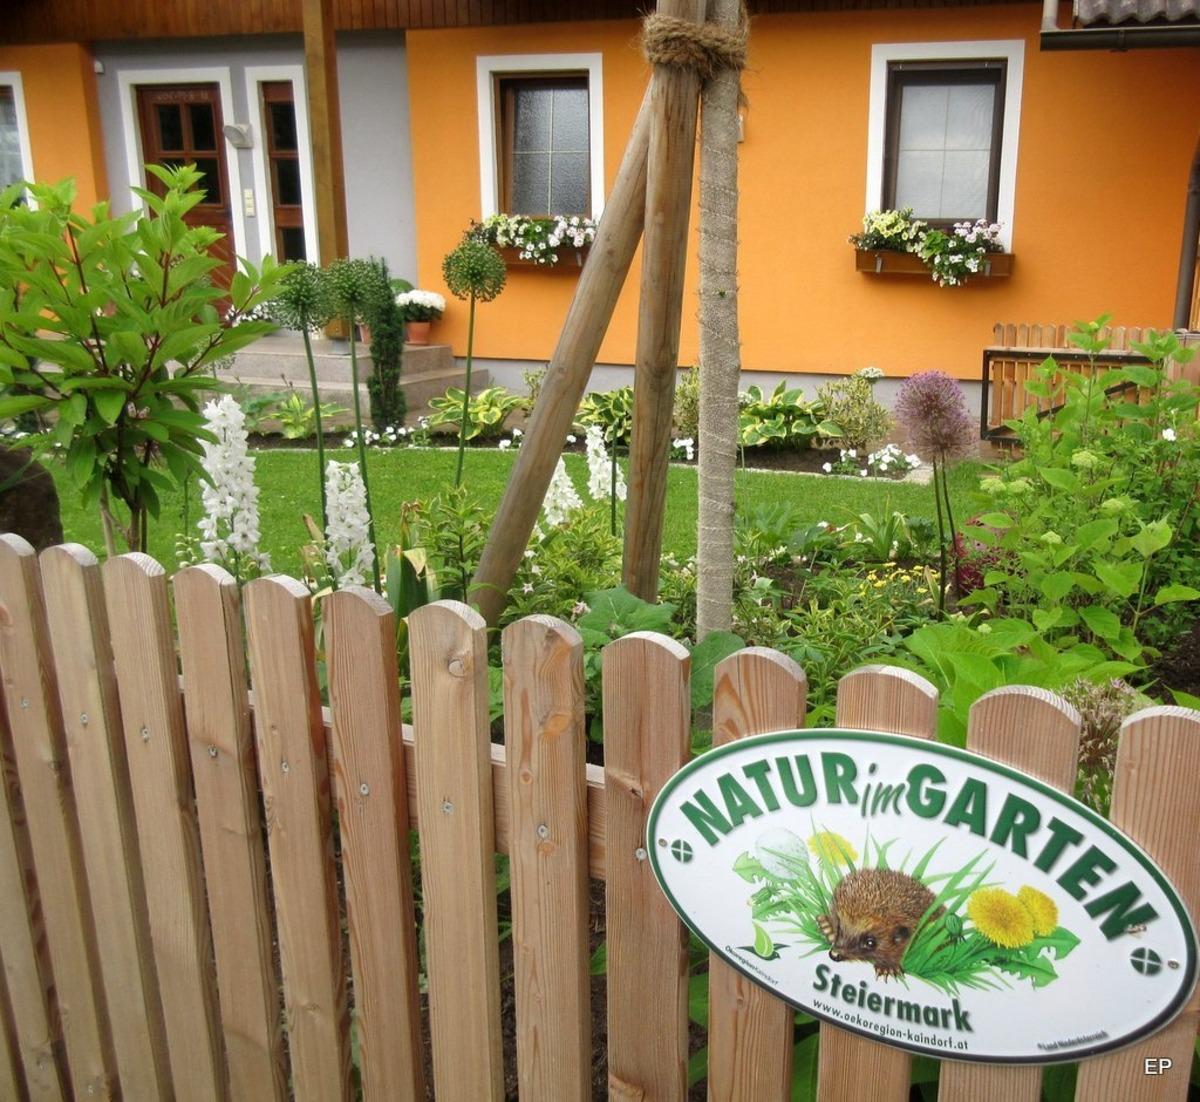 In Semriach Die Erste Natur Im Garten Plakette Graz Umgebung